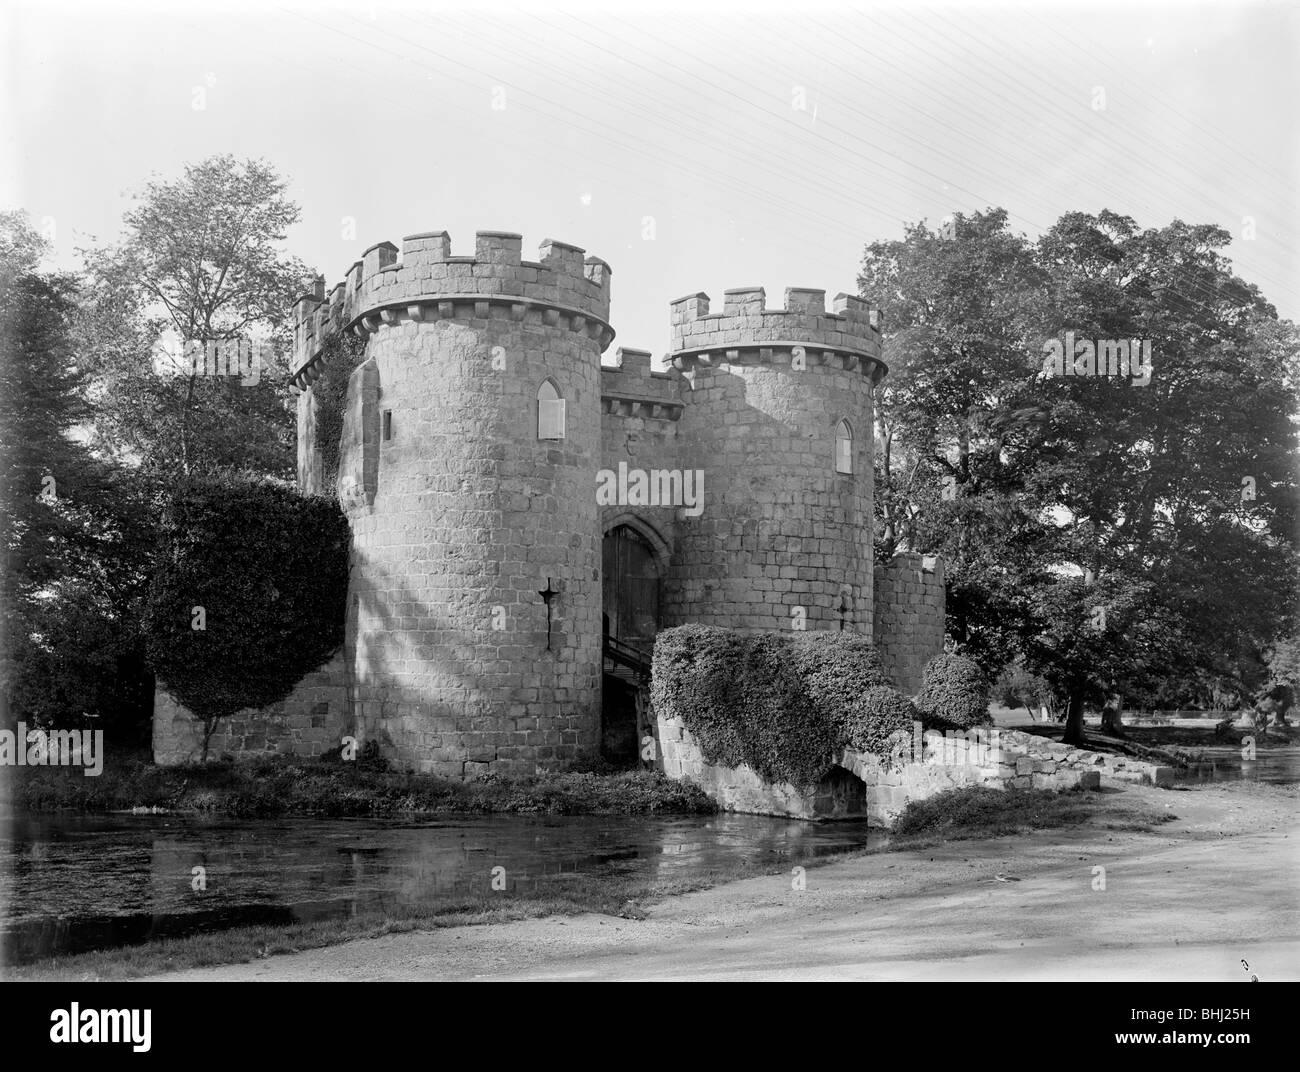 Gatehouse at Whittington Castle, Shropshire, 1935. Artist: Nathaniel Lloyd - Stock Image